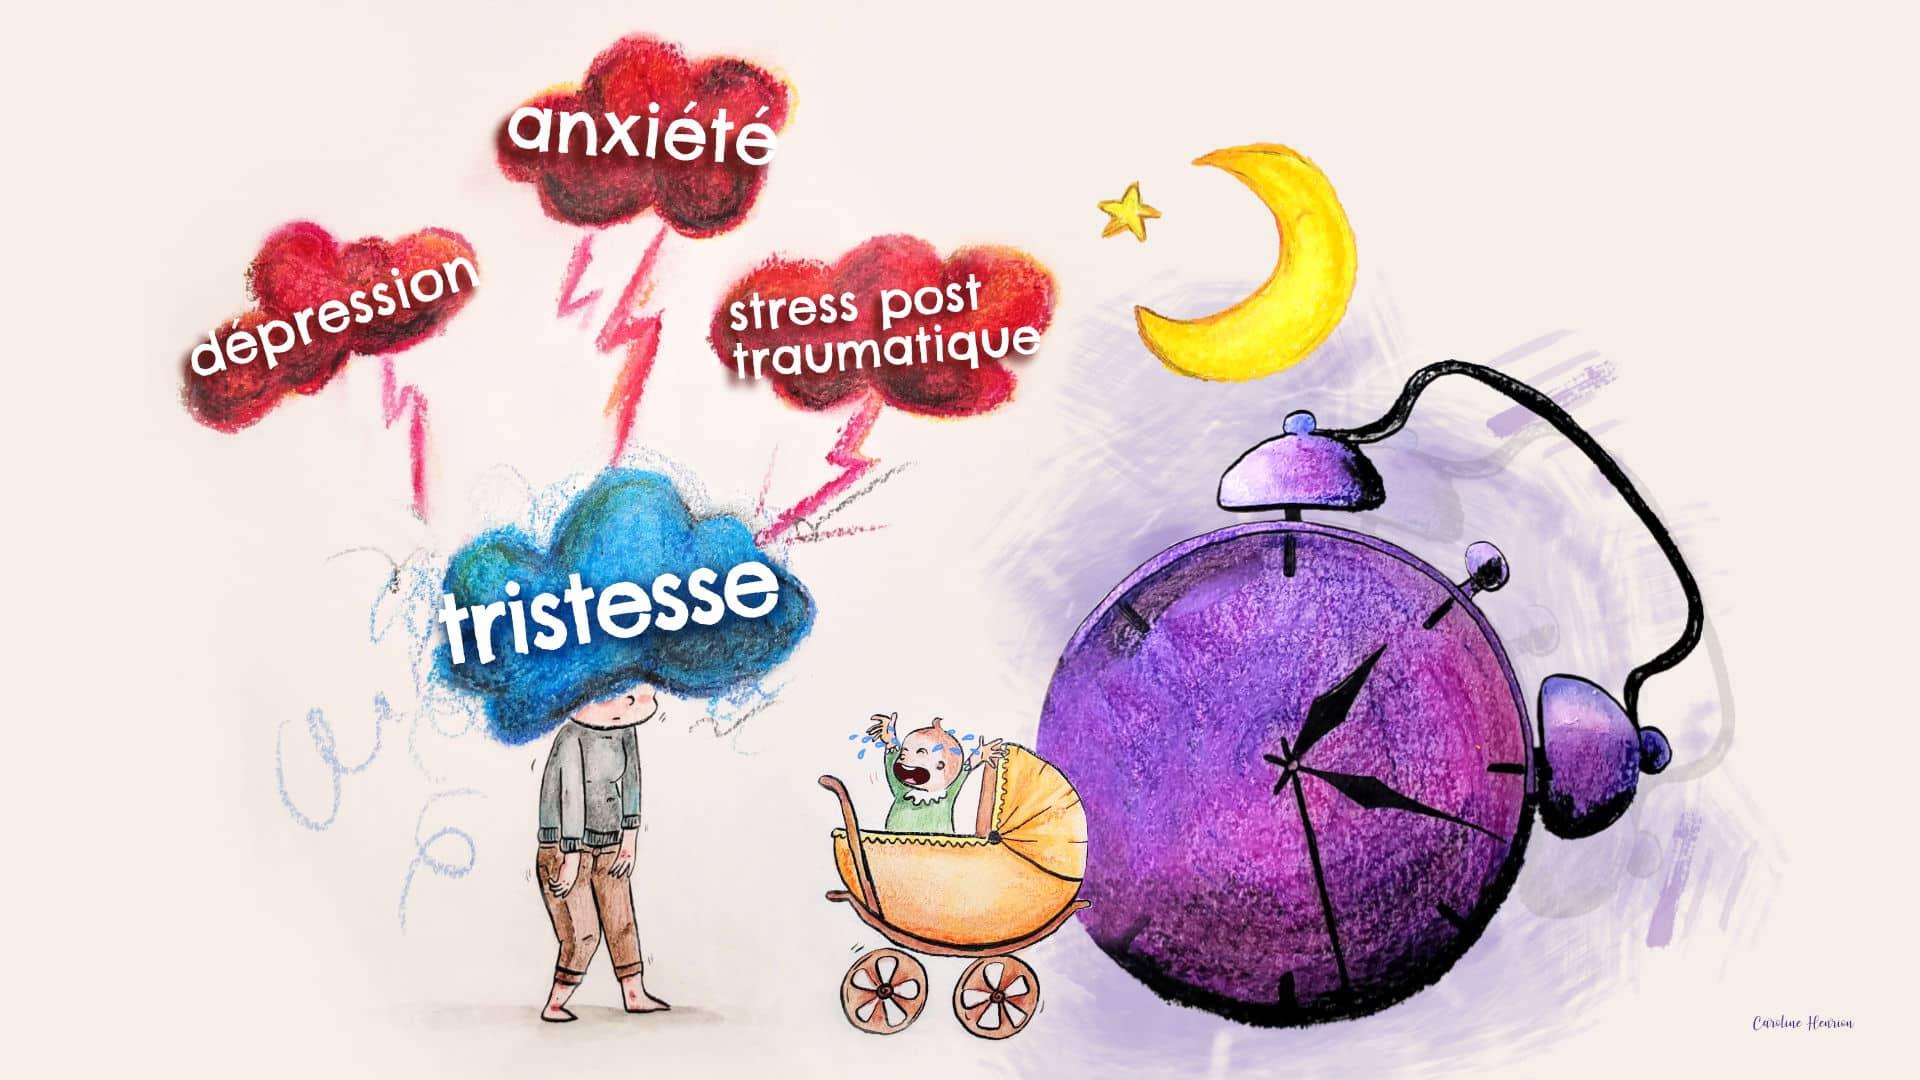 dessin sur l'accouchement traumatique